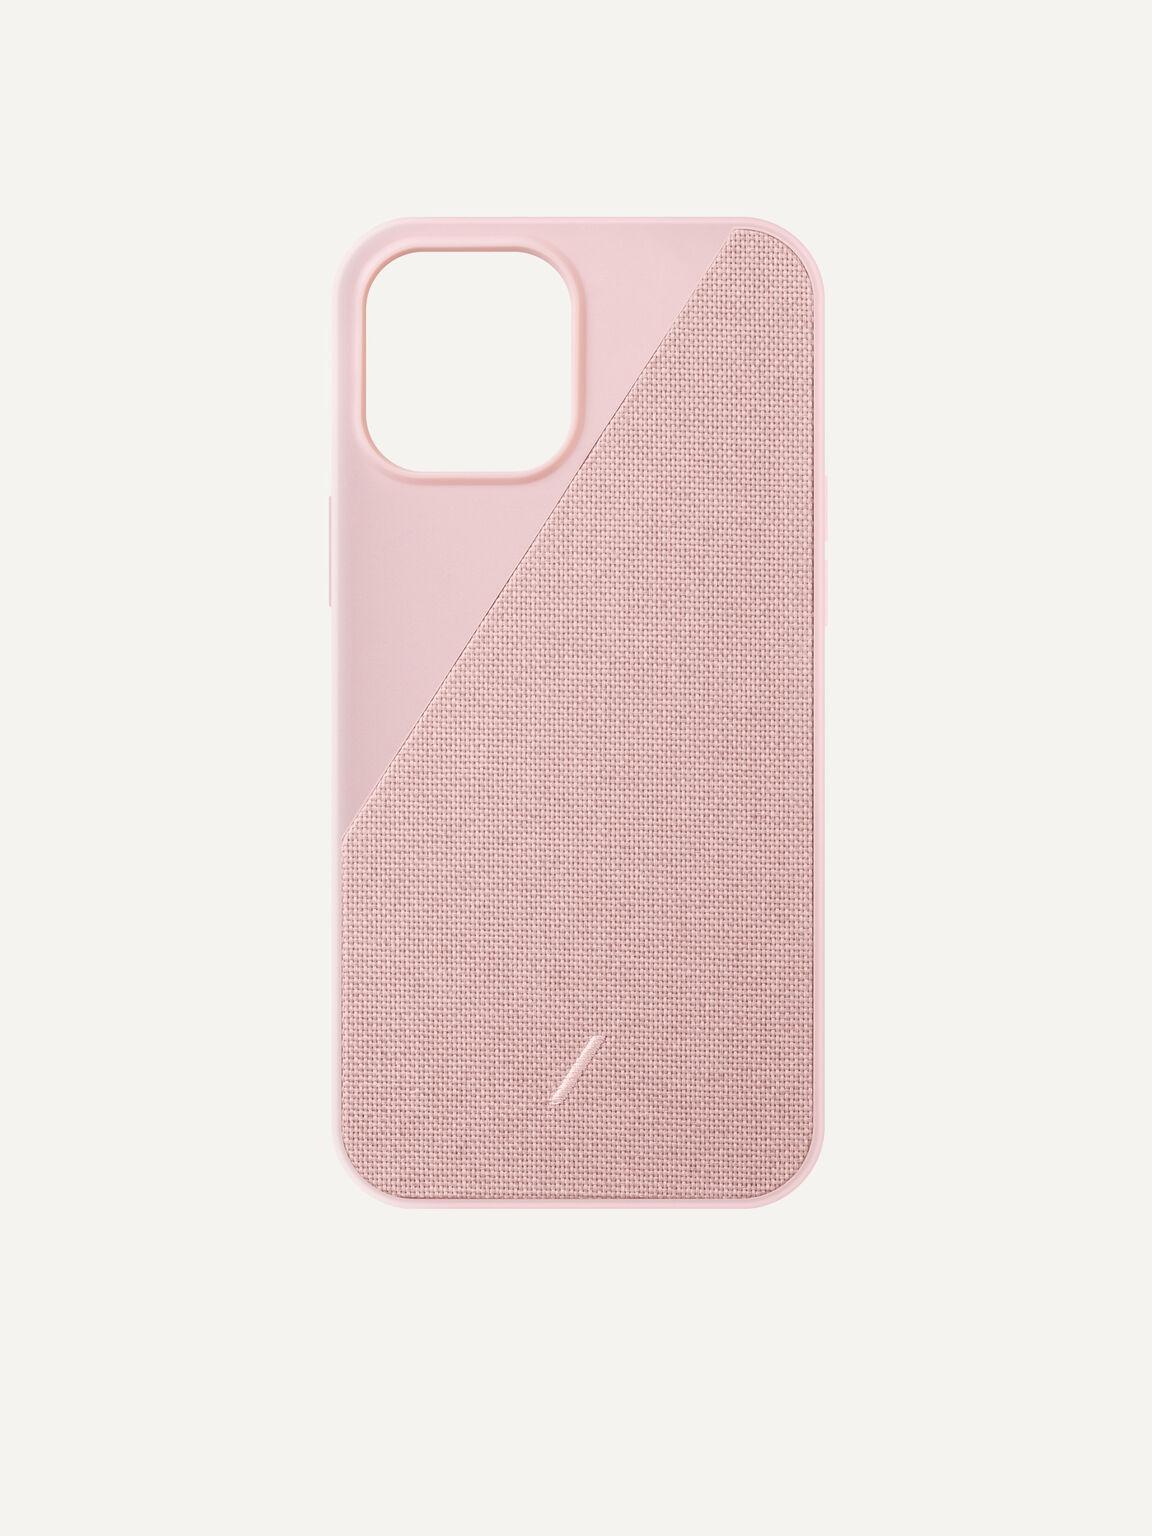 Canvas Fabric iPhone 12 Max Pro Case, Rose, hi-res